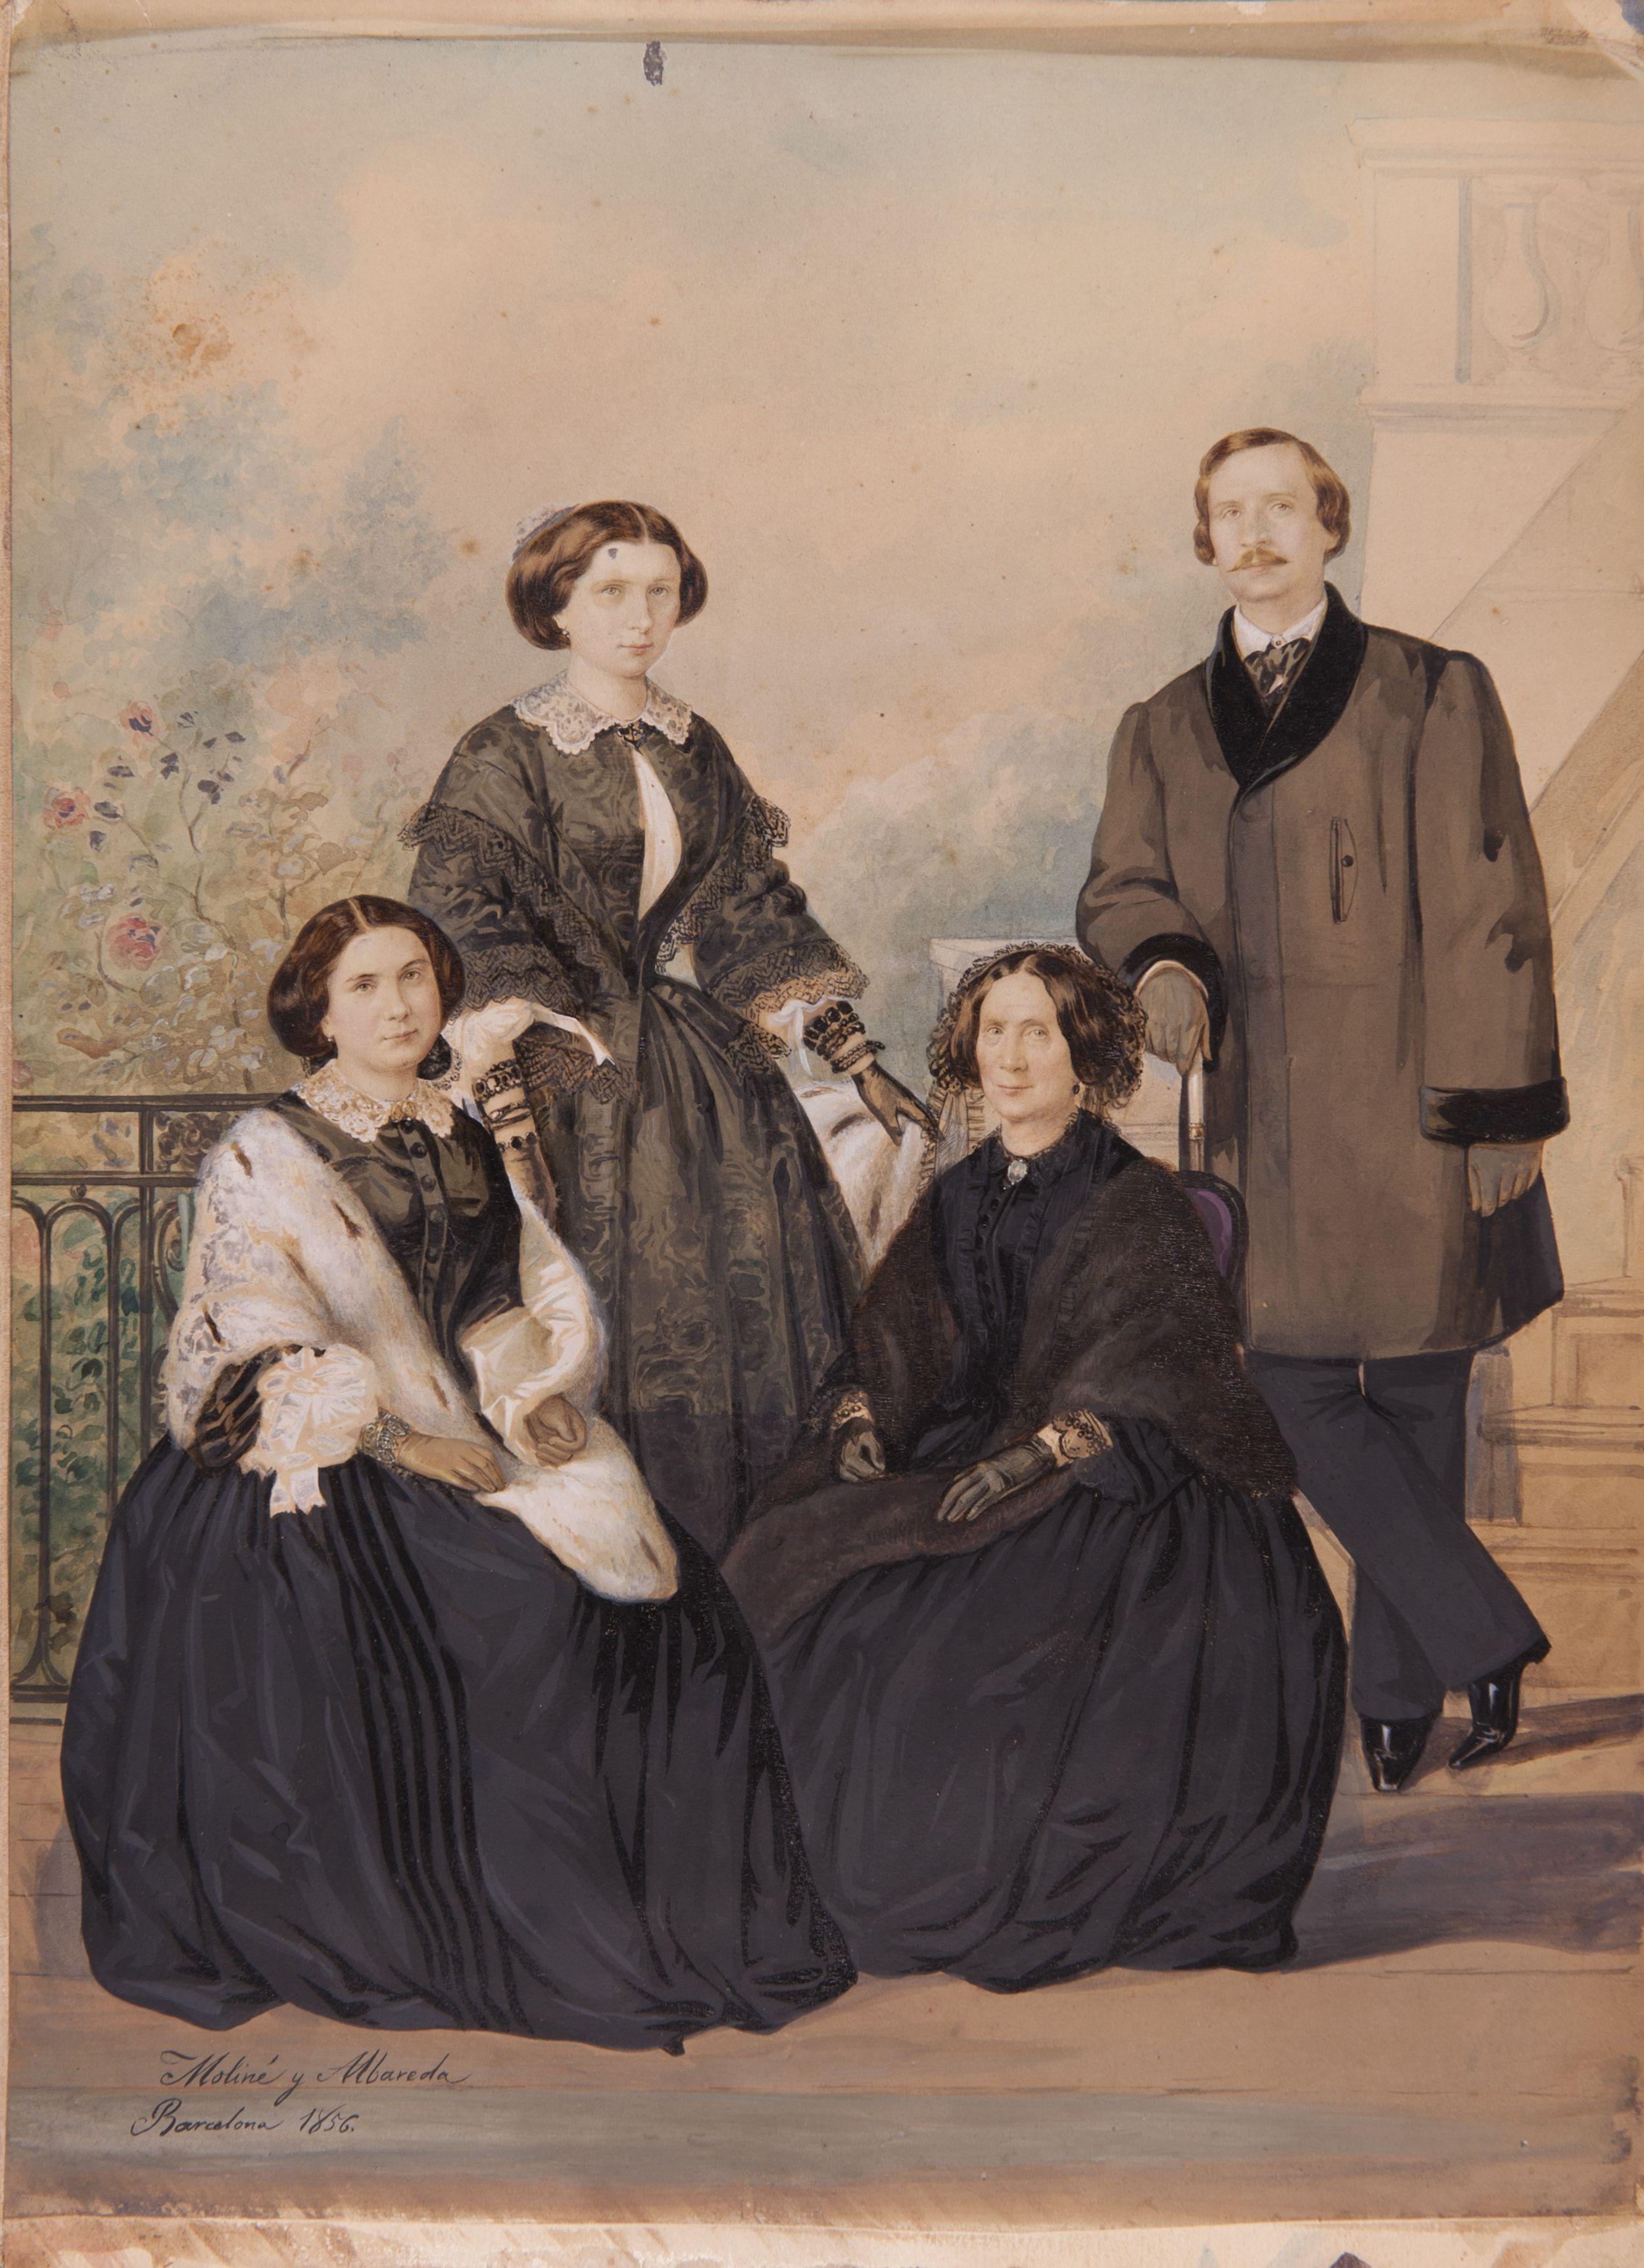 Retrat de la família Dodero. Aquesta còpia fotogràfica a l'albúmina acolorida és una de les fotografies més antigues conservades a l'Arxiu Fotogràfic de Barcelona, datada de l'any 1856 i obra de l'estudi Moliné i Albareda.